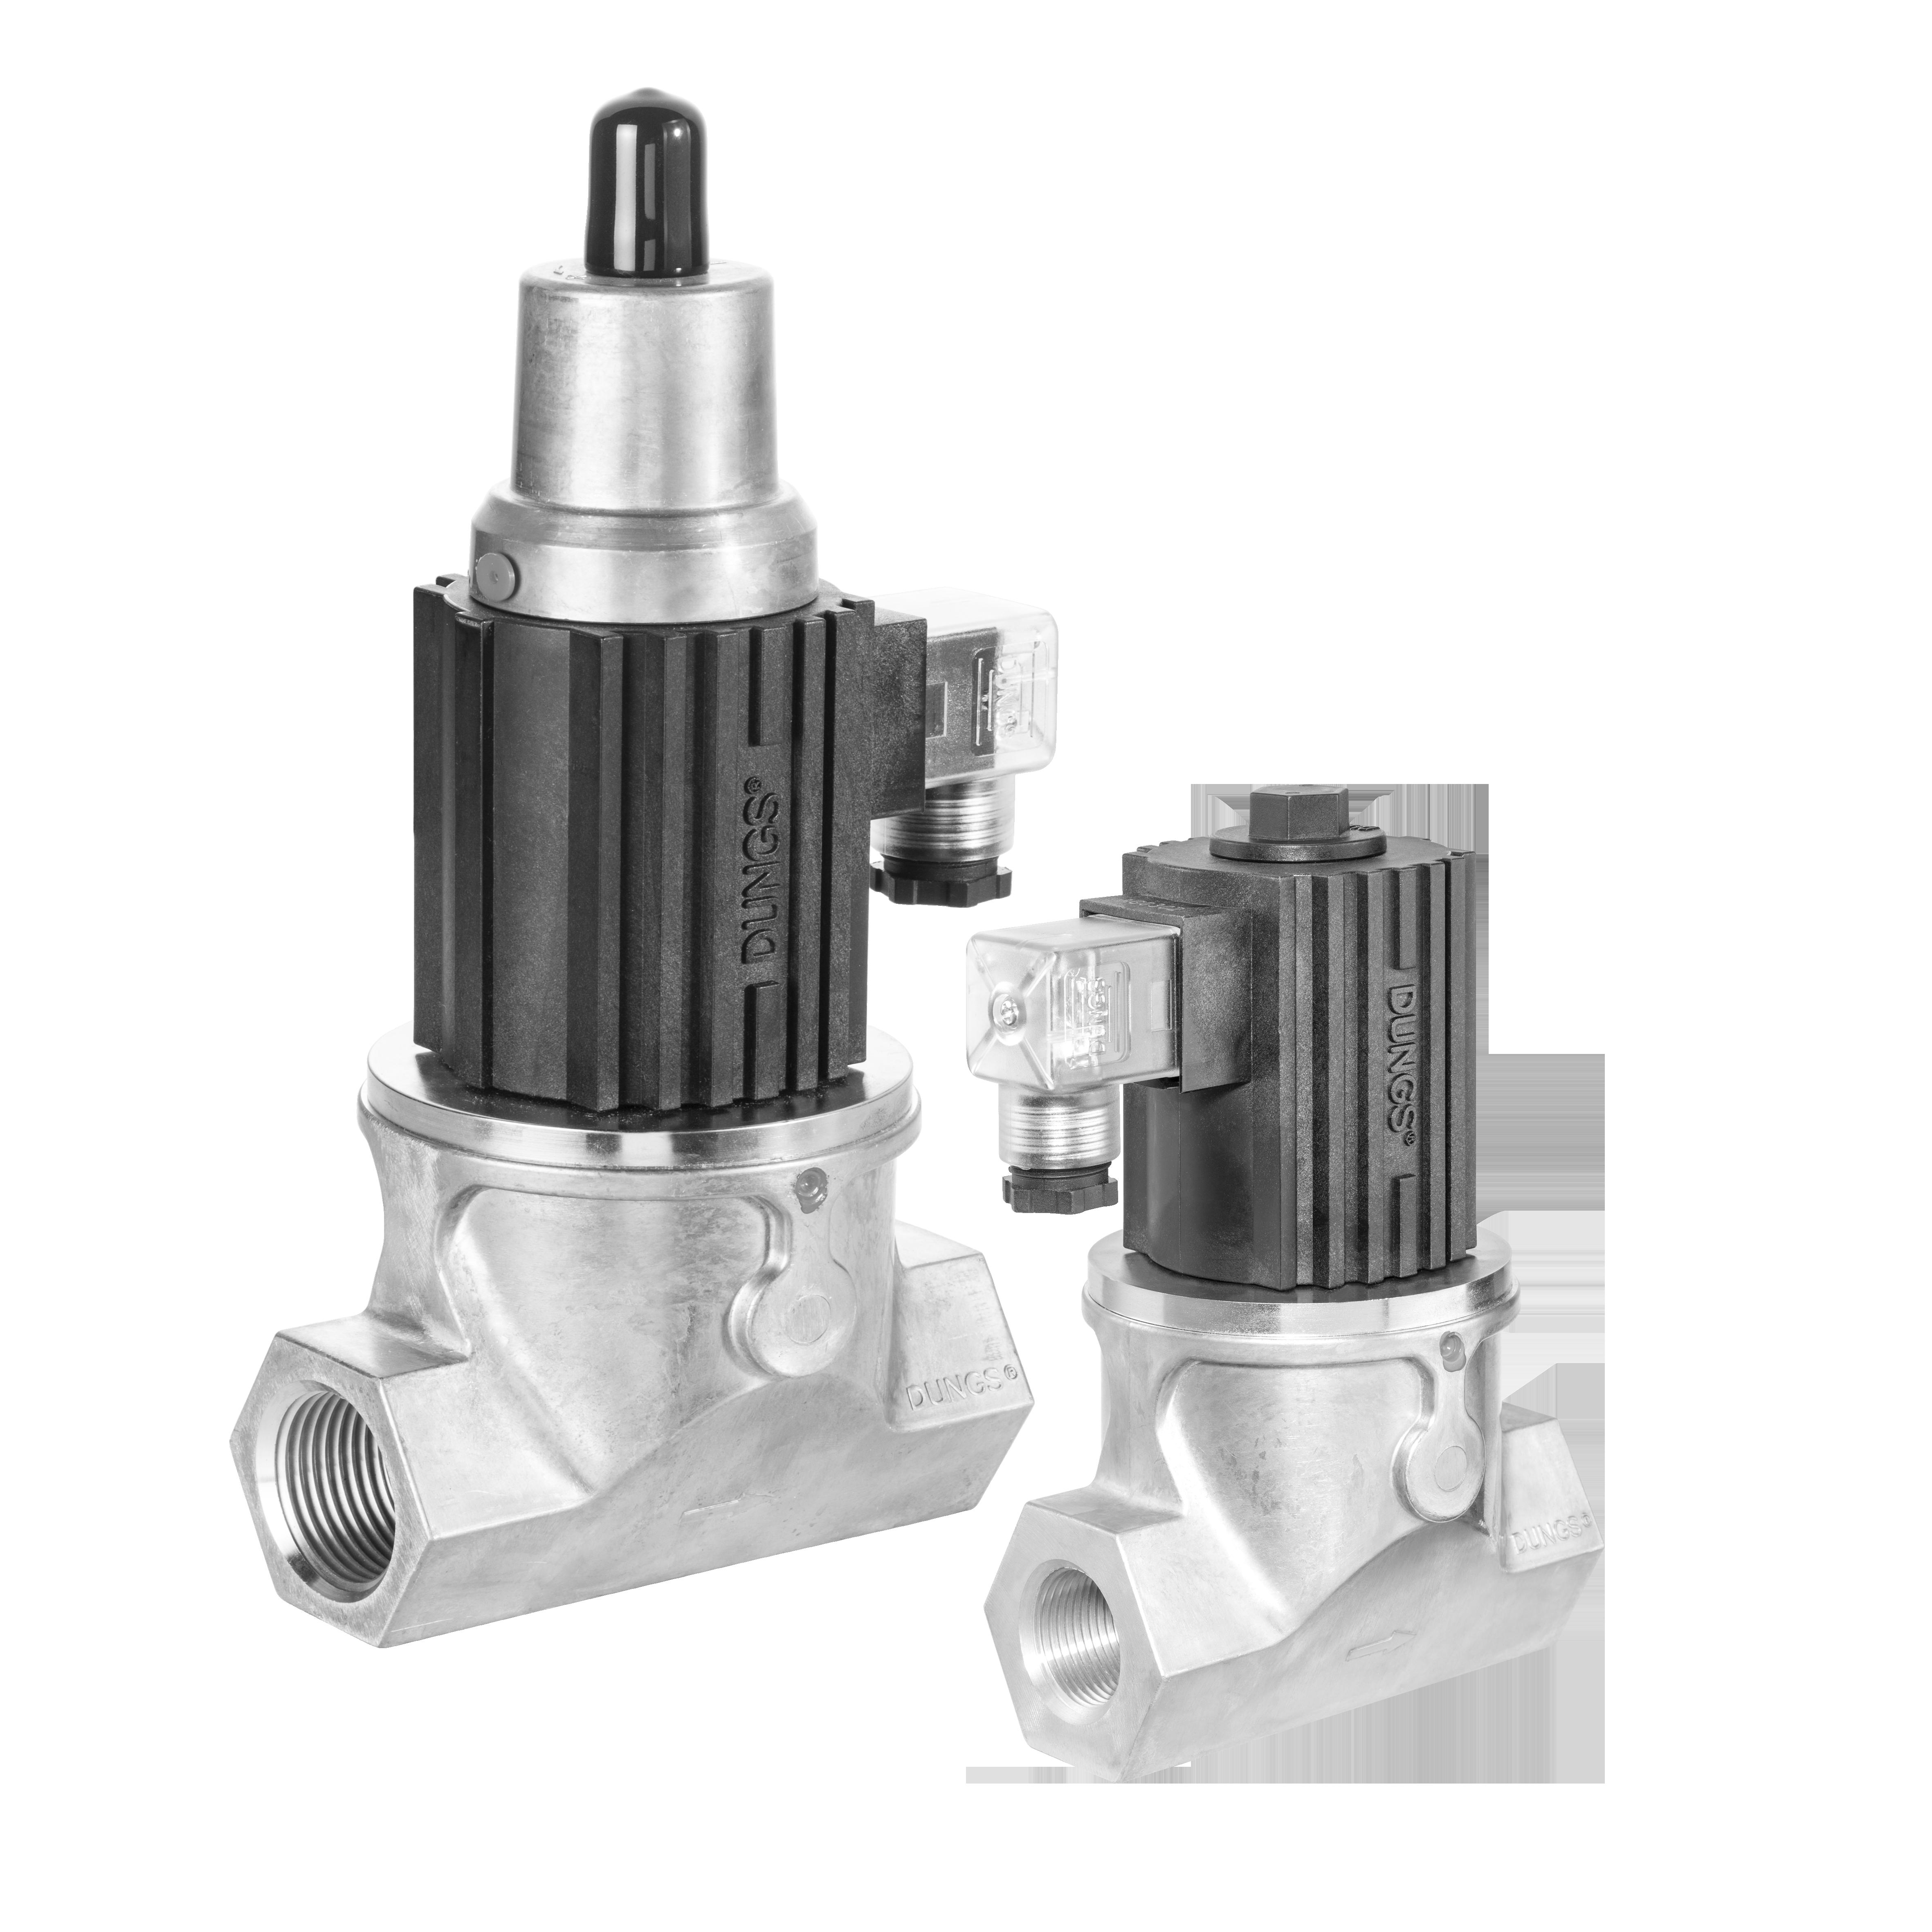 GSV 210: Електромагнітний газовий запобіжний клапан - Фото №1